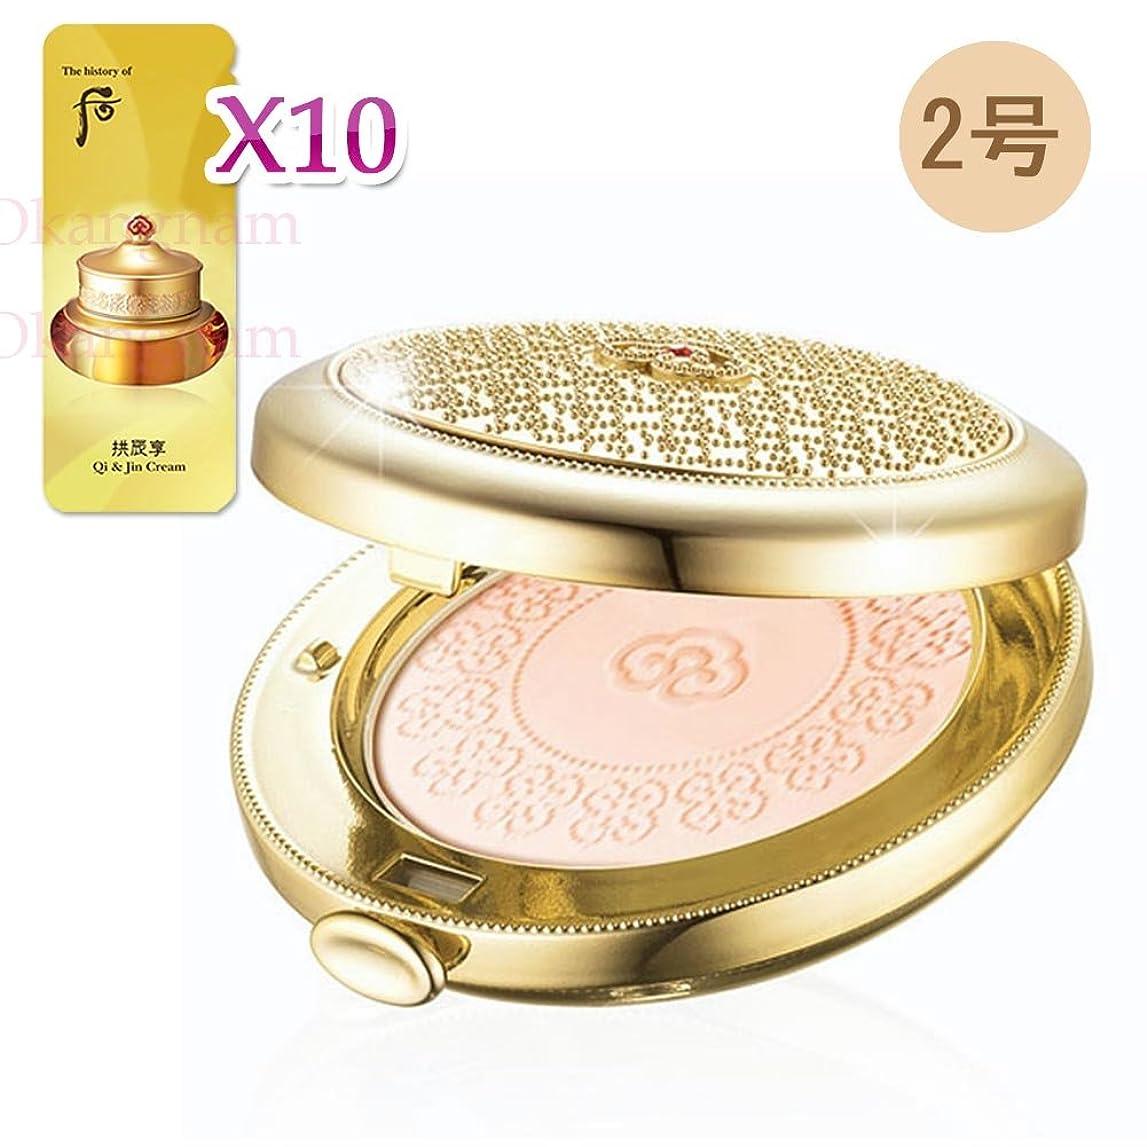 有害はしご半導体【フー/ The history of whoo] Whoo 后 KGM10 GONGJIN HYANG Mi Powder Compact(SPF30,PA++) /后(フー) ゴンジンヒャン 美パウダーコンパクト 2号 + [Sample Gift](海外直送品) (2号)